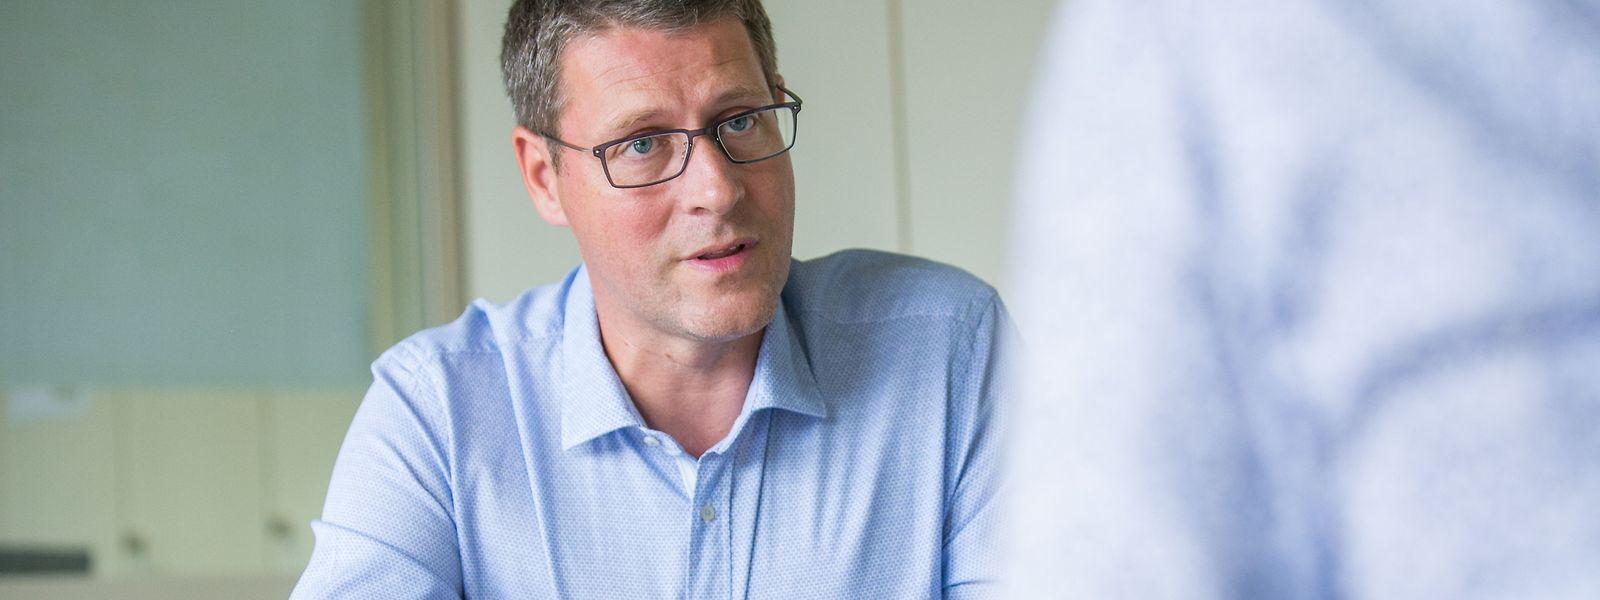 Dr. Jérôme Giwer ist Anästhesist und Schmerztherapeut